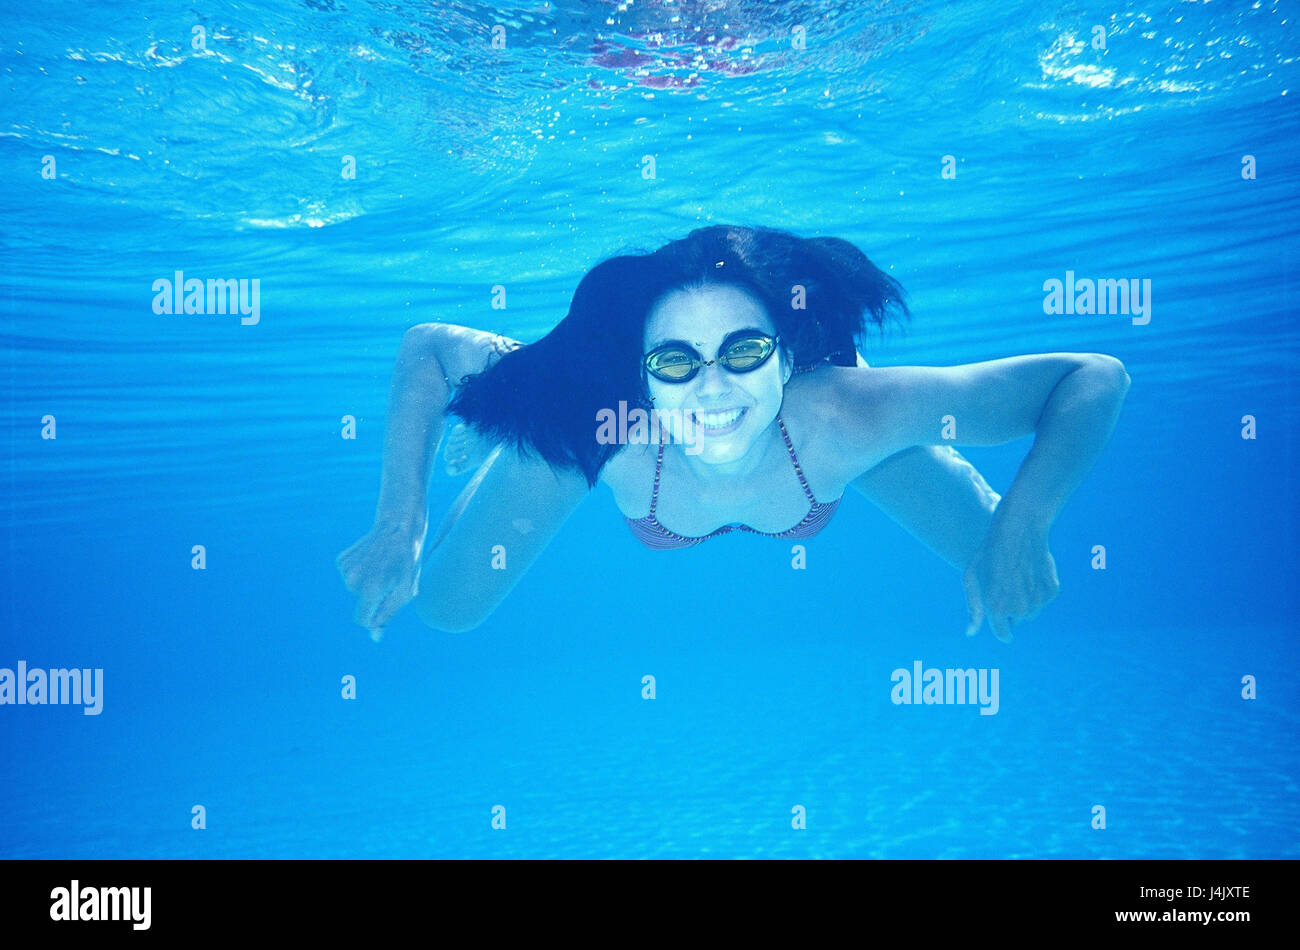 03f8436152 Registrazione subacquea, donna, occhiali da nuoto, pelle-dive sotto l'acqua,  estate, vacanze, tempo libero, hobby, sport, giovane, nuotare, hanno un  bagno ...